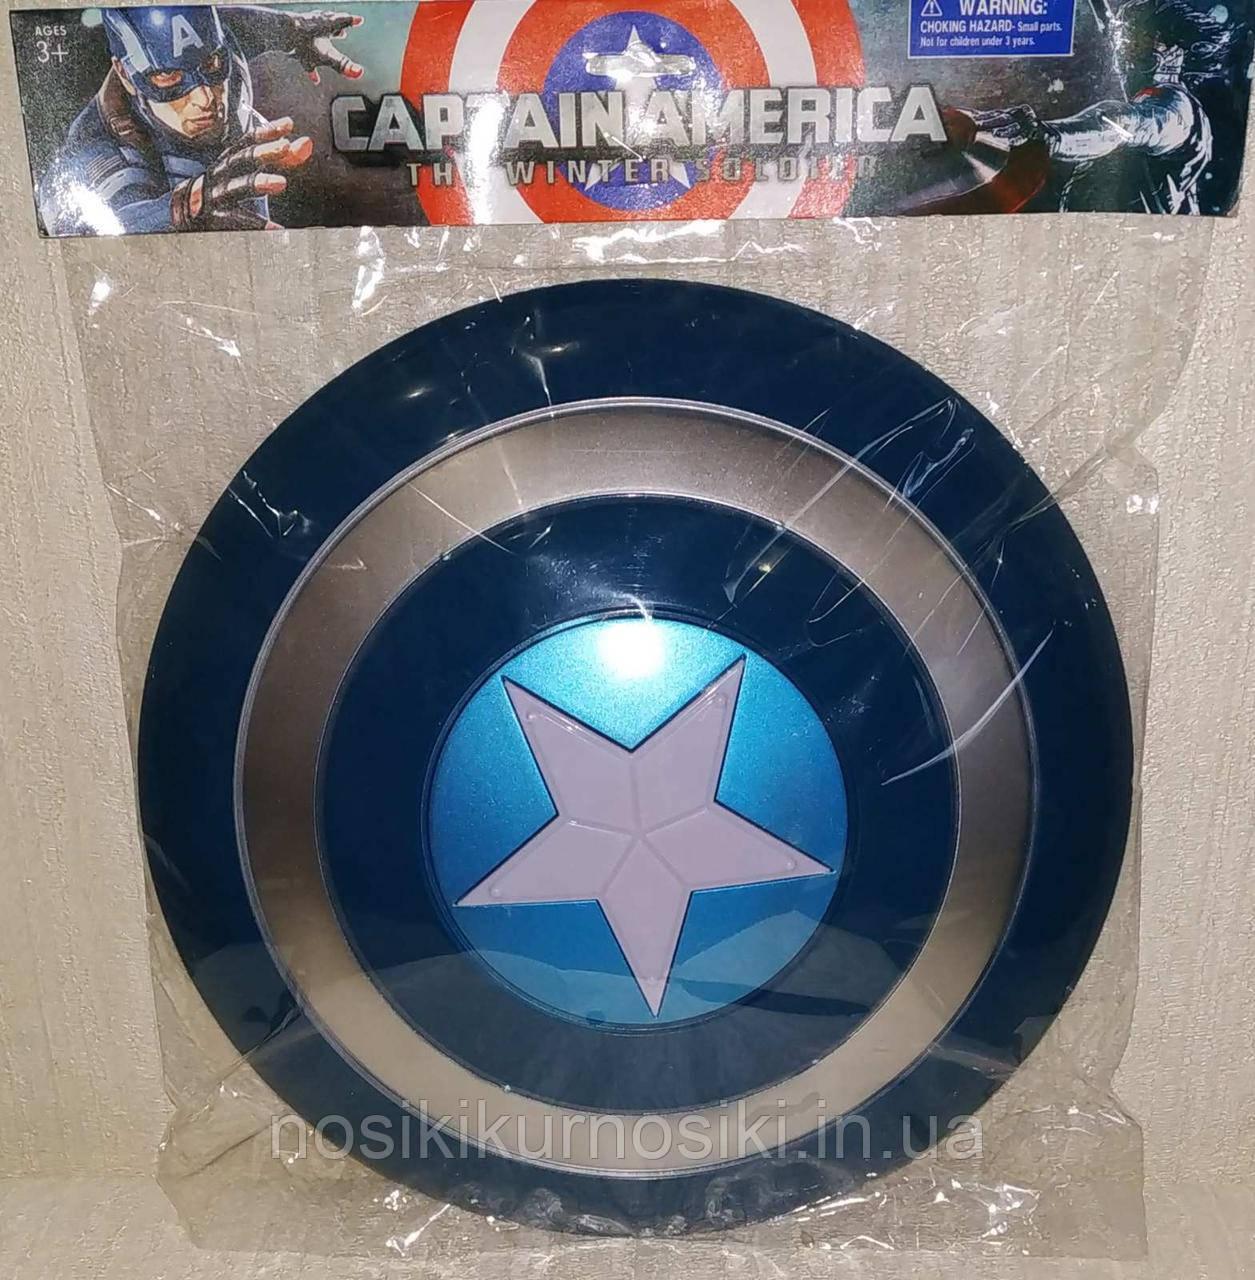 Щит Супергероя капітан Америка, колір синій, упаковка пакет